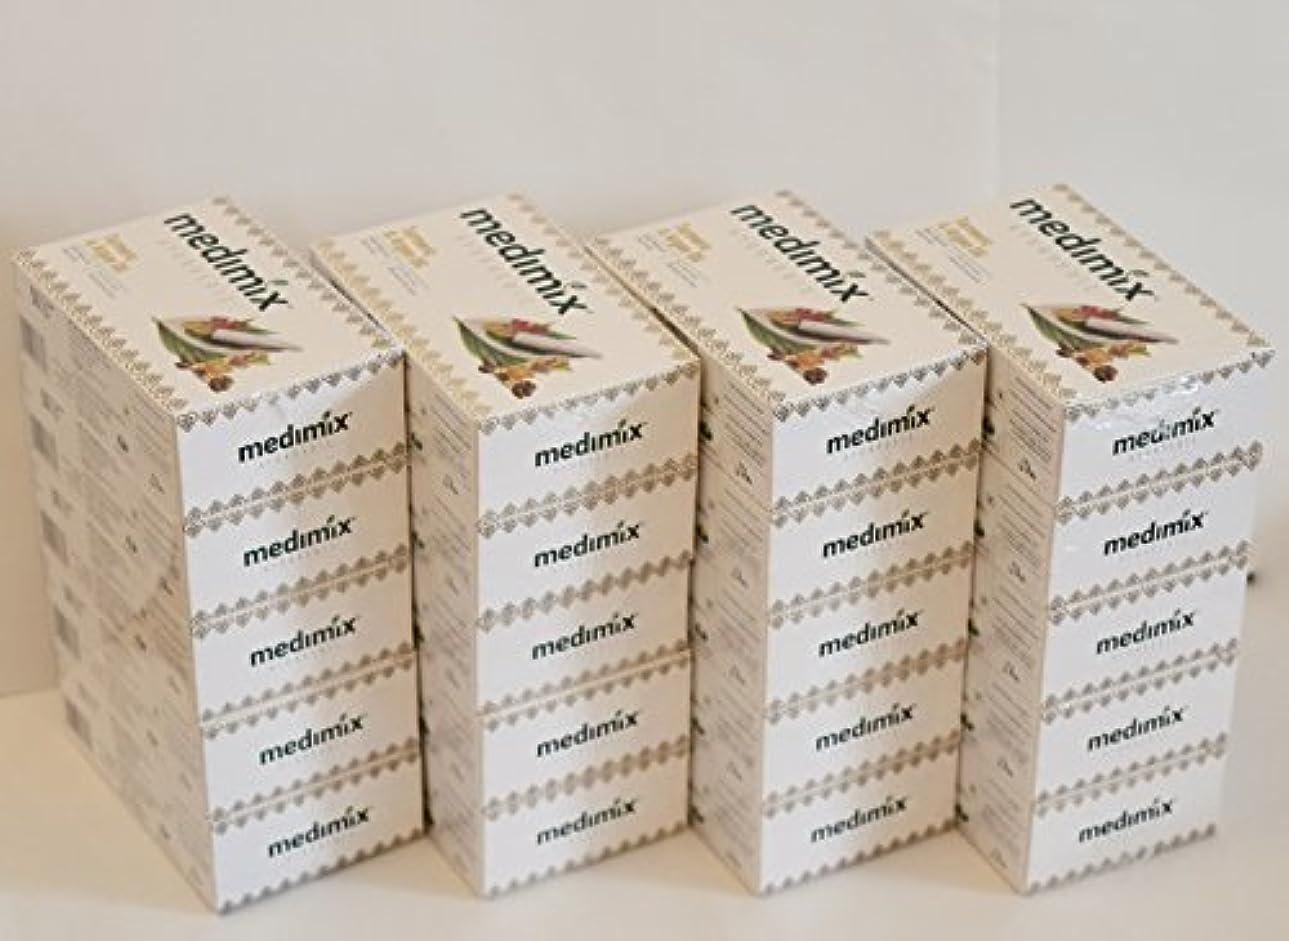 ジョージエリオット溶ける明快MEDIMIX メディミックス アーユルヴェーダ ターメリック アンド アルガン石鹸(medimix AYURVEDA Turmeric & Argan) 125g 20個入り